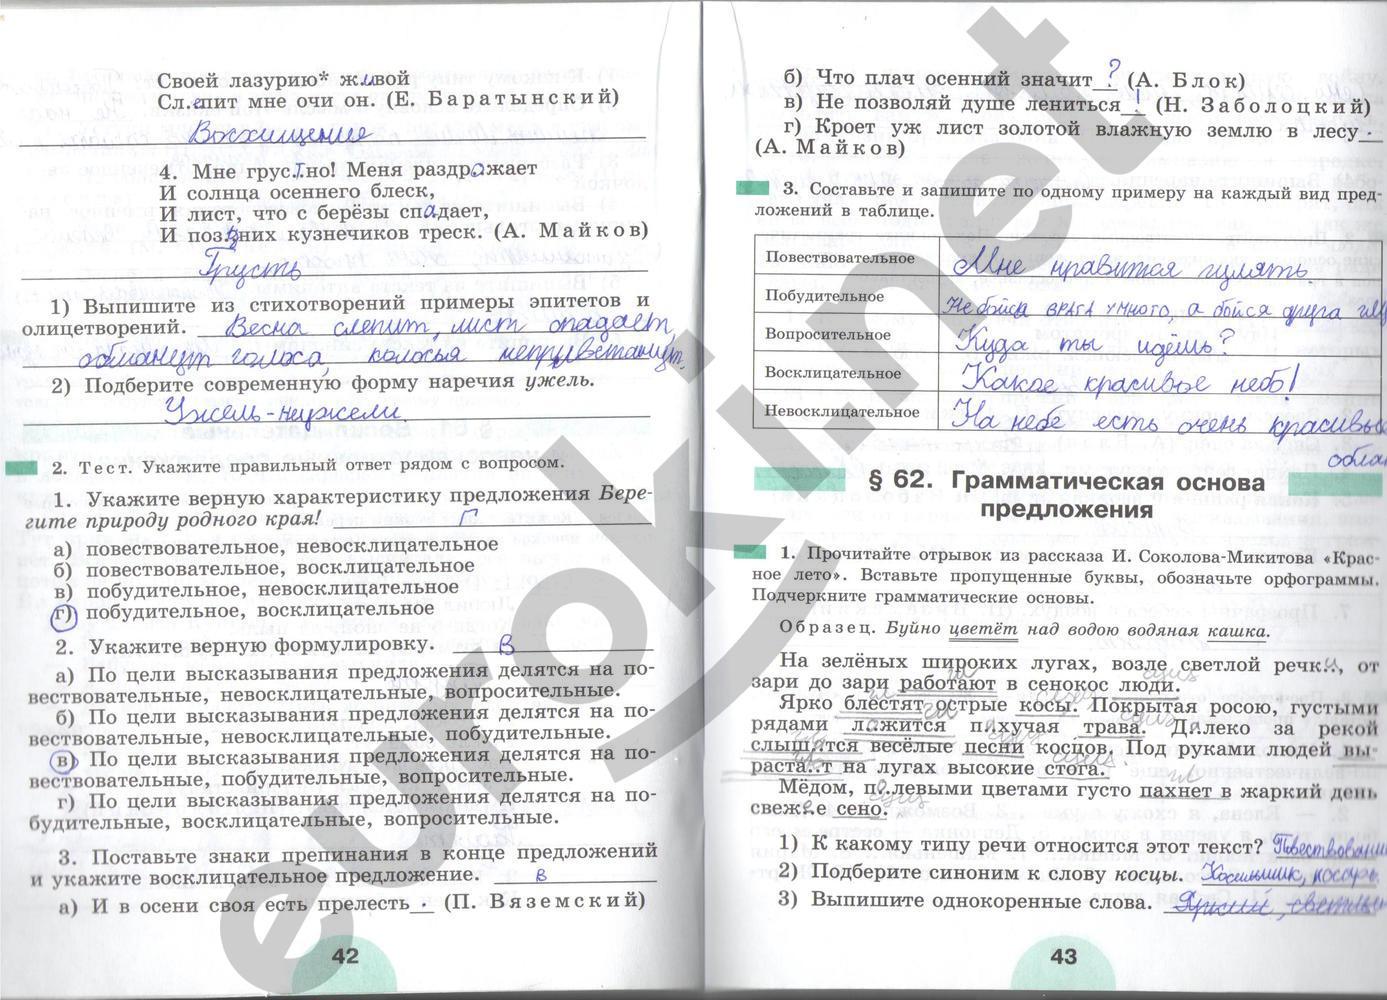 Гдз по русскому языку рыбченкова роговик 5 класс